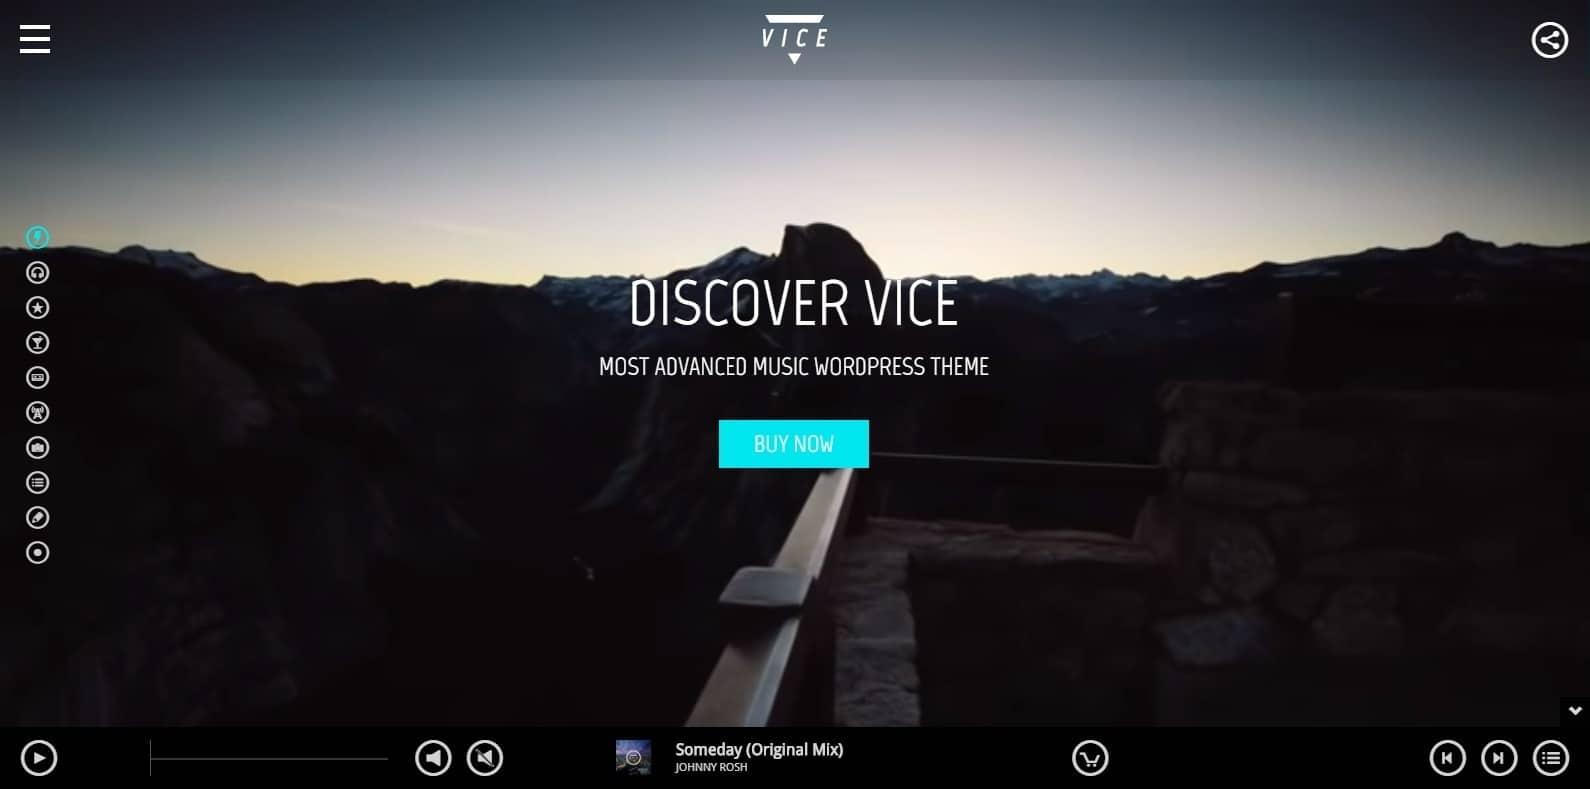 vice-dj-website-template